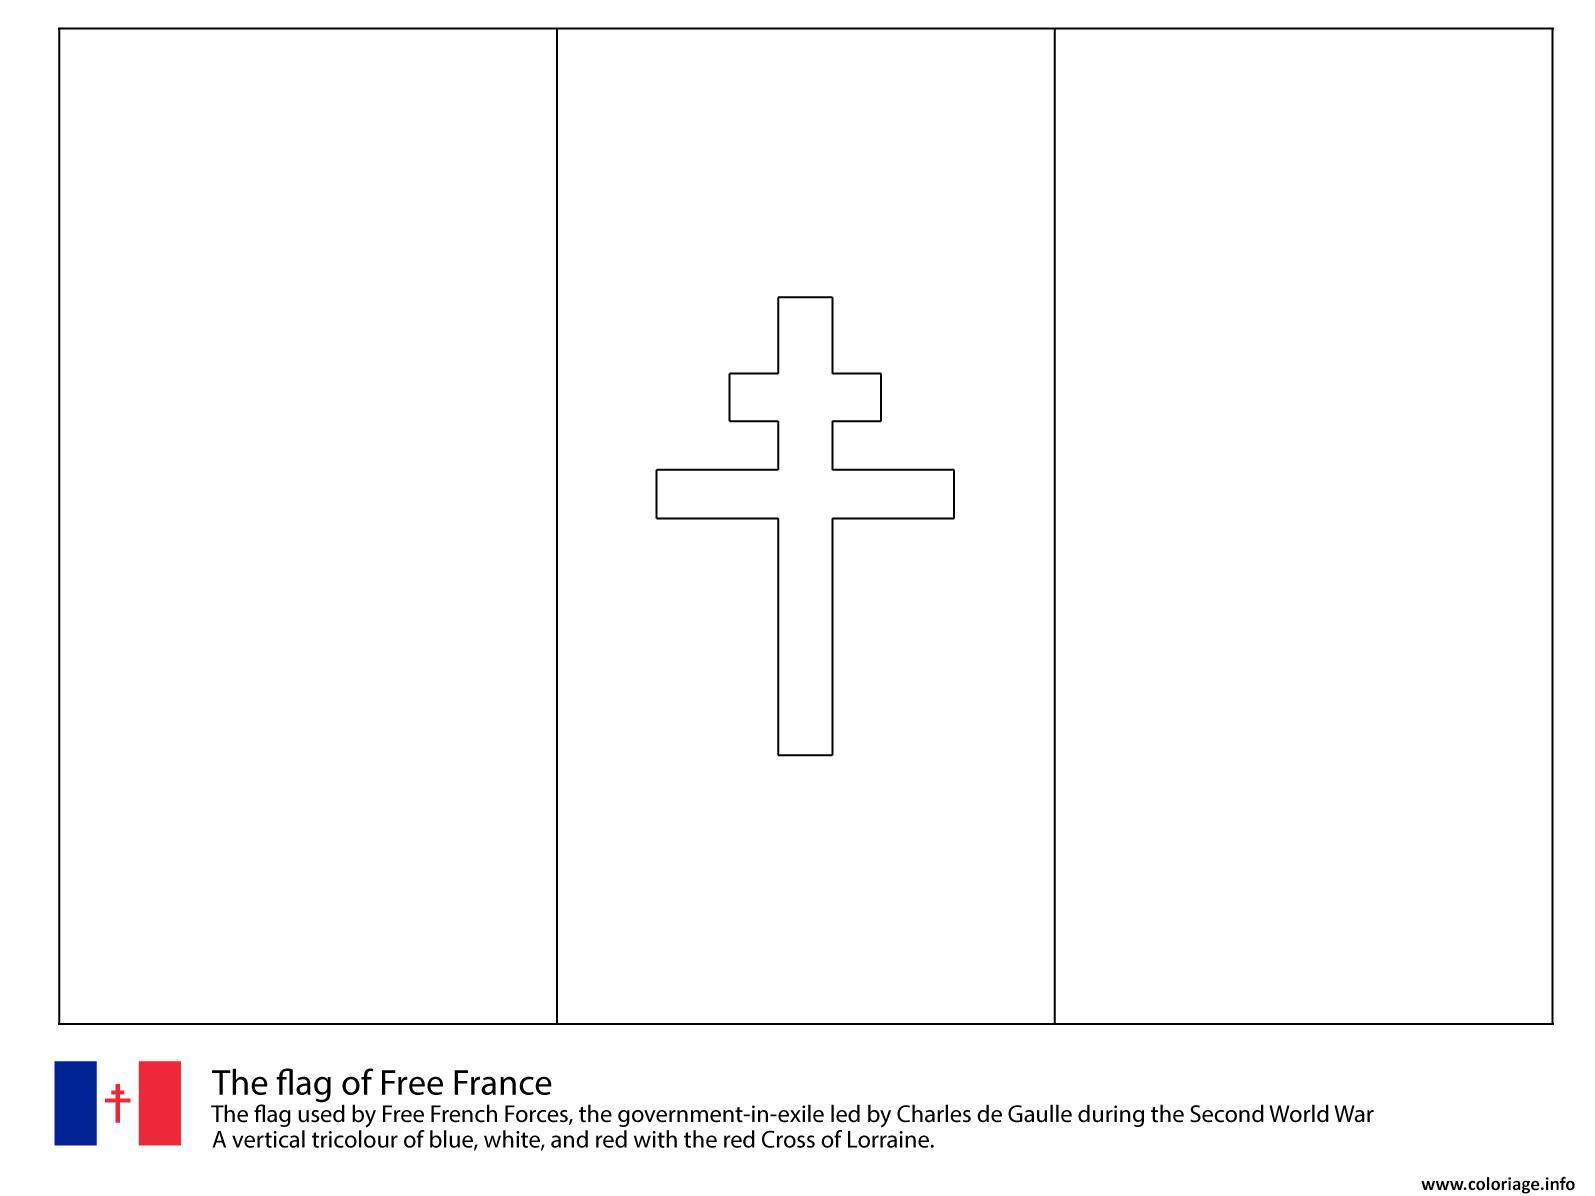 Dessin drapeau de la france libre 1940 1944 Coloriage Gratuit à Imprimer